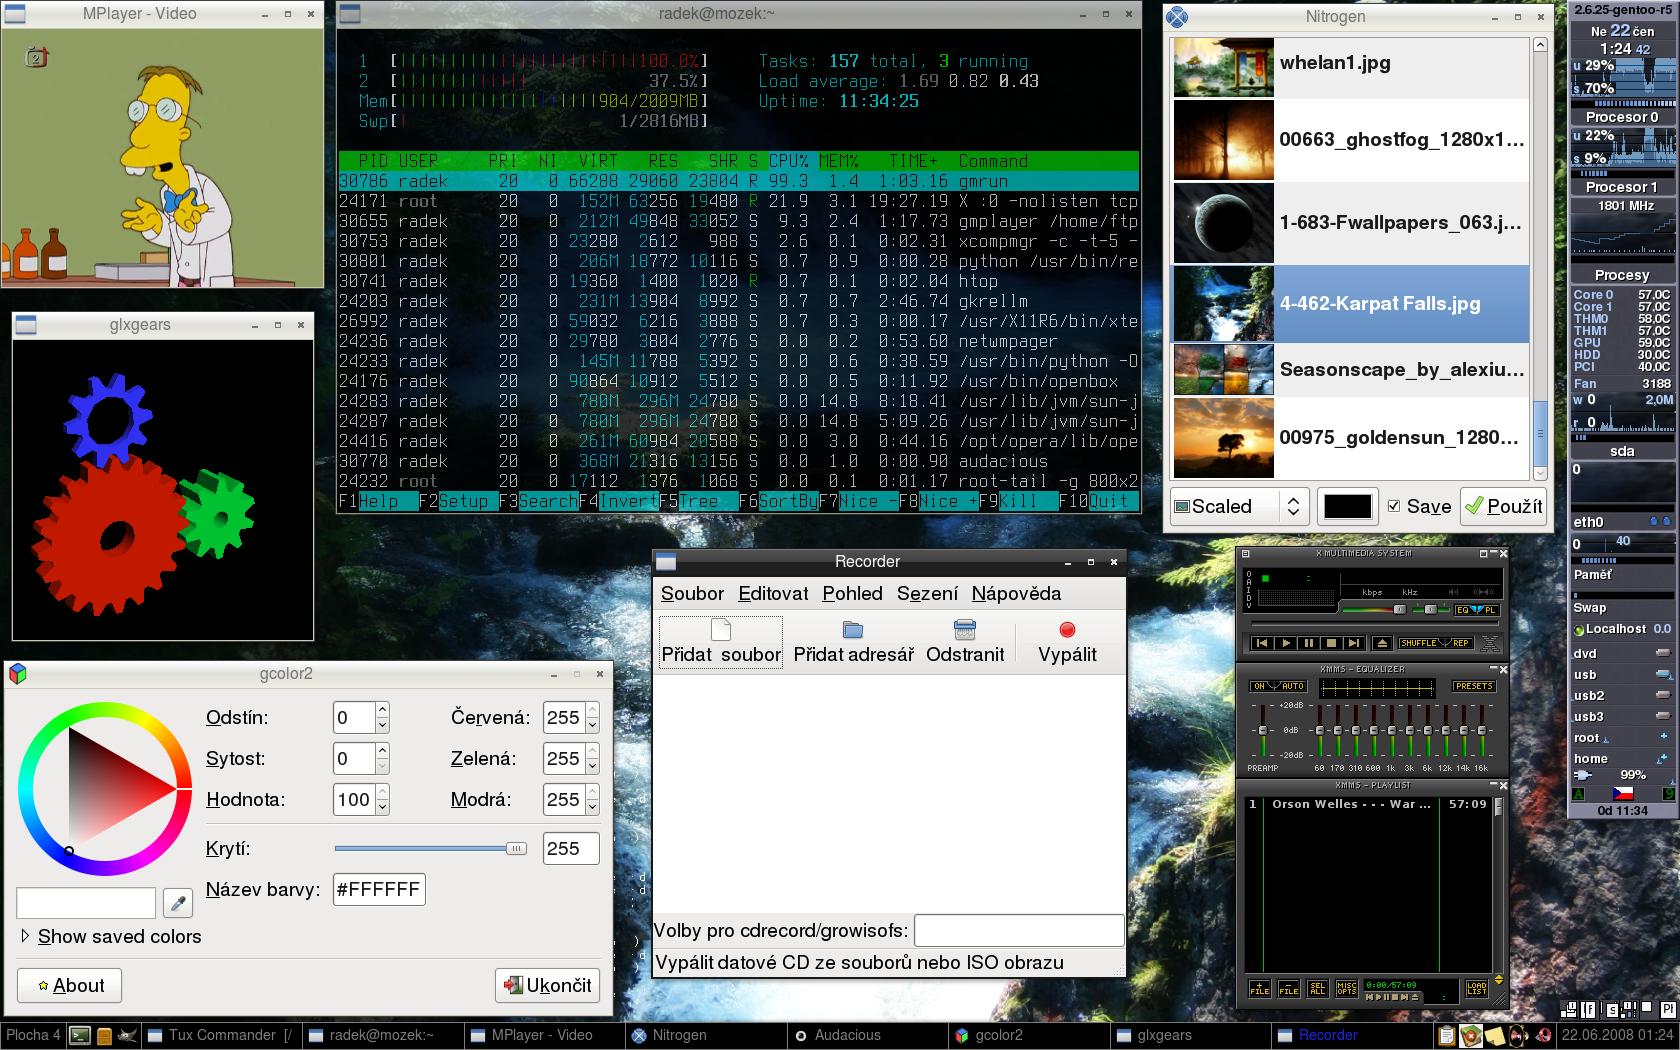 OpenBOX 3.4.7